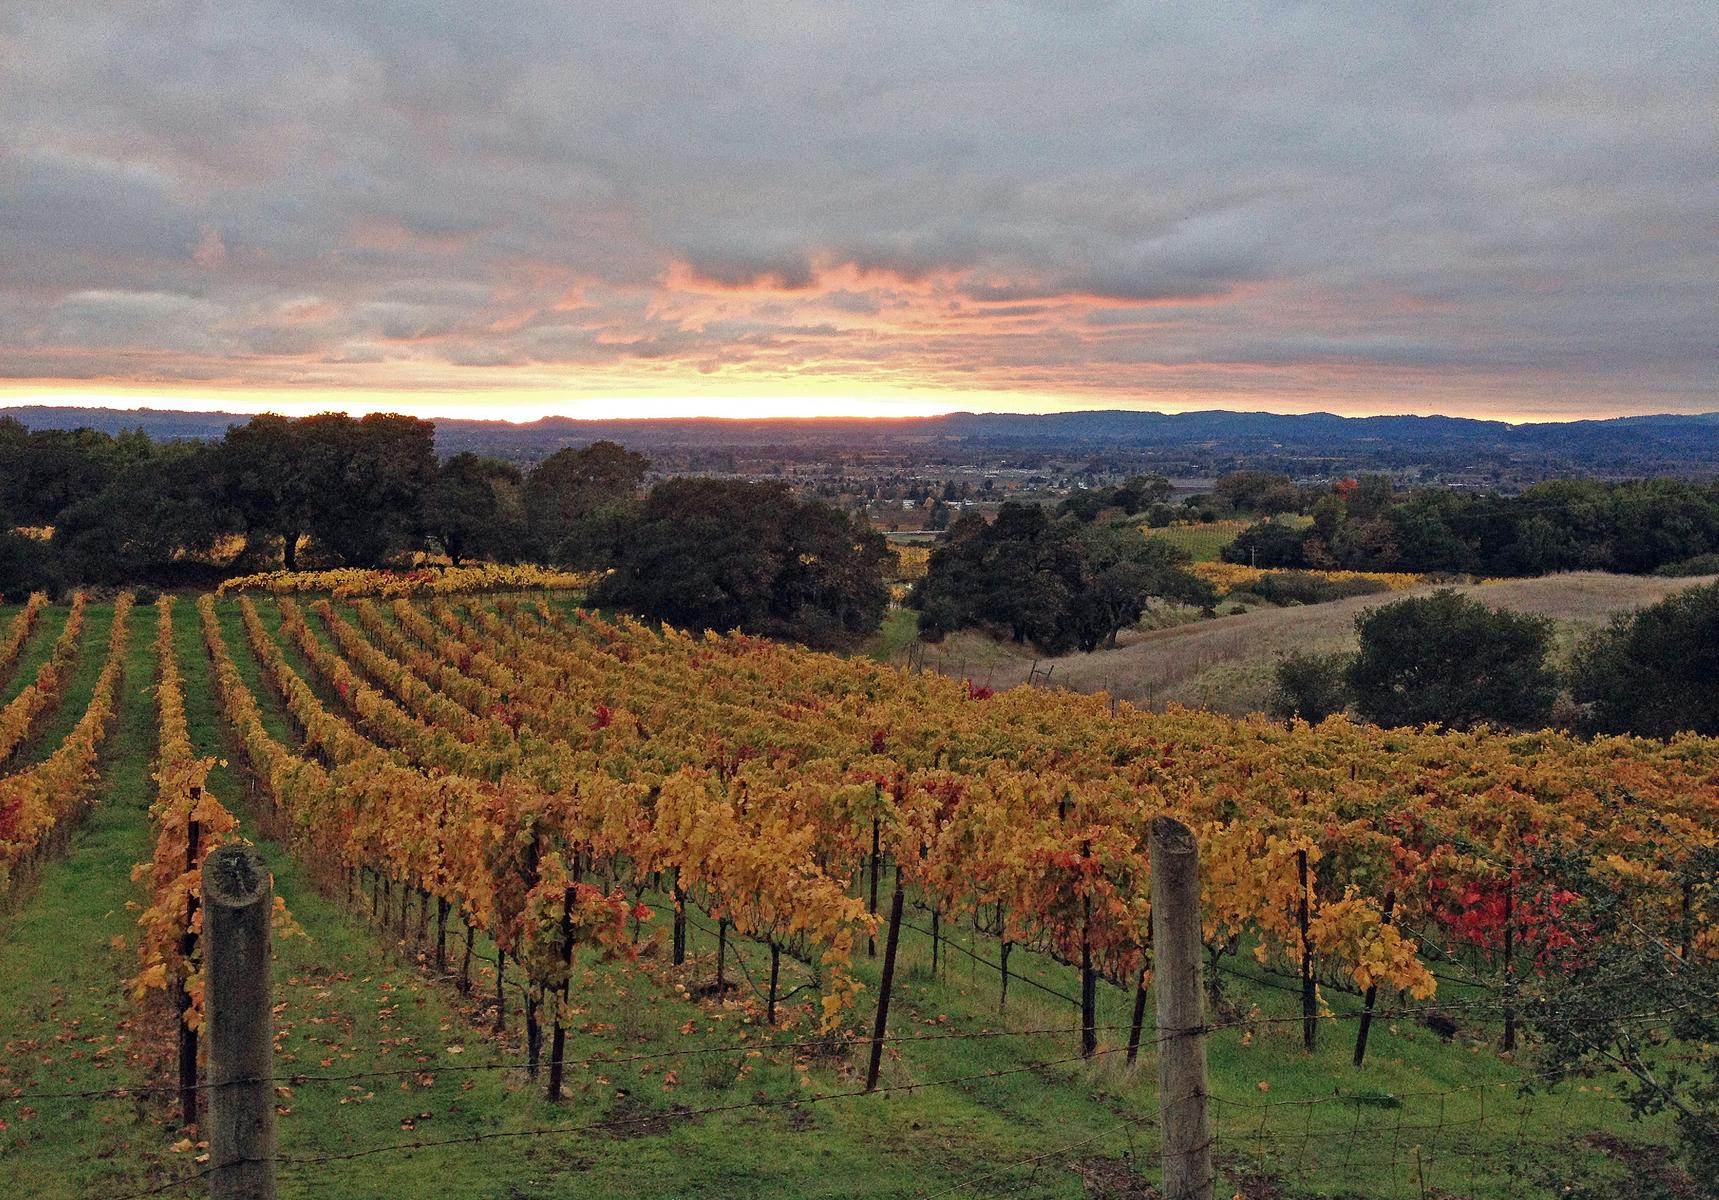 Paradise Ridge winery, Sonoma County, California